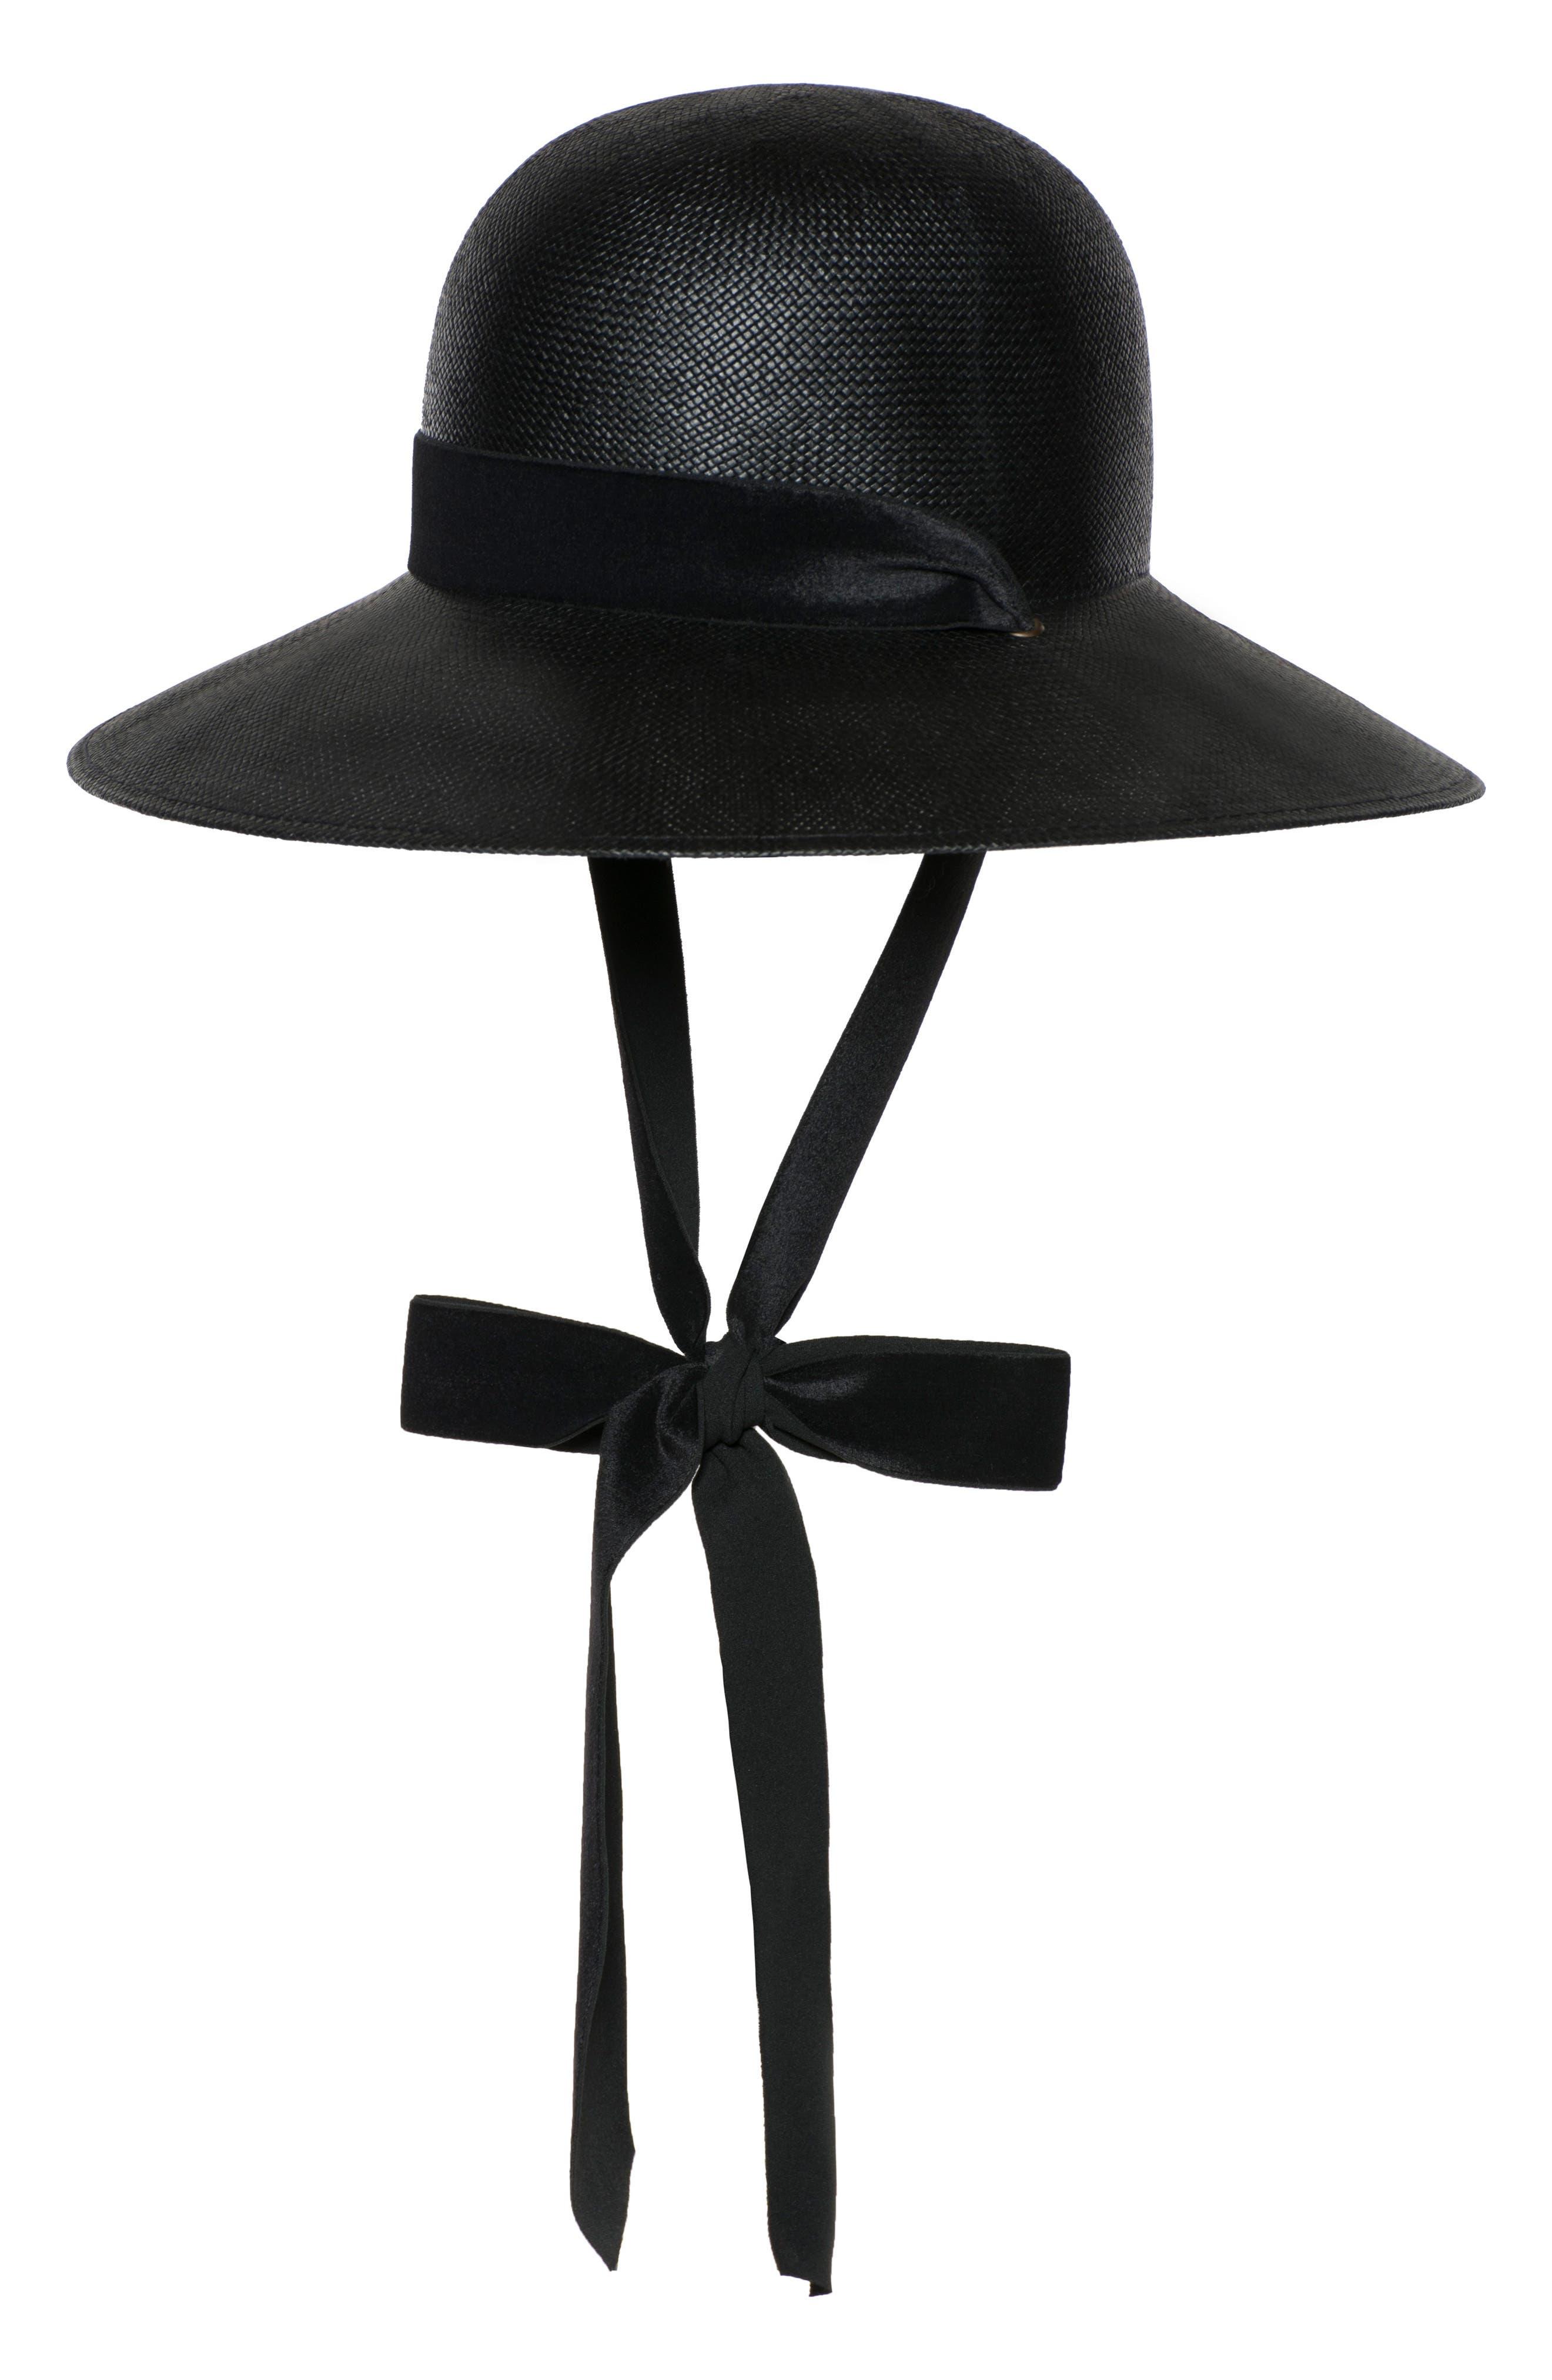 THE EMPRESS VELVET RIBBON HAT - BLACK